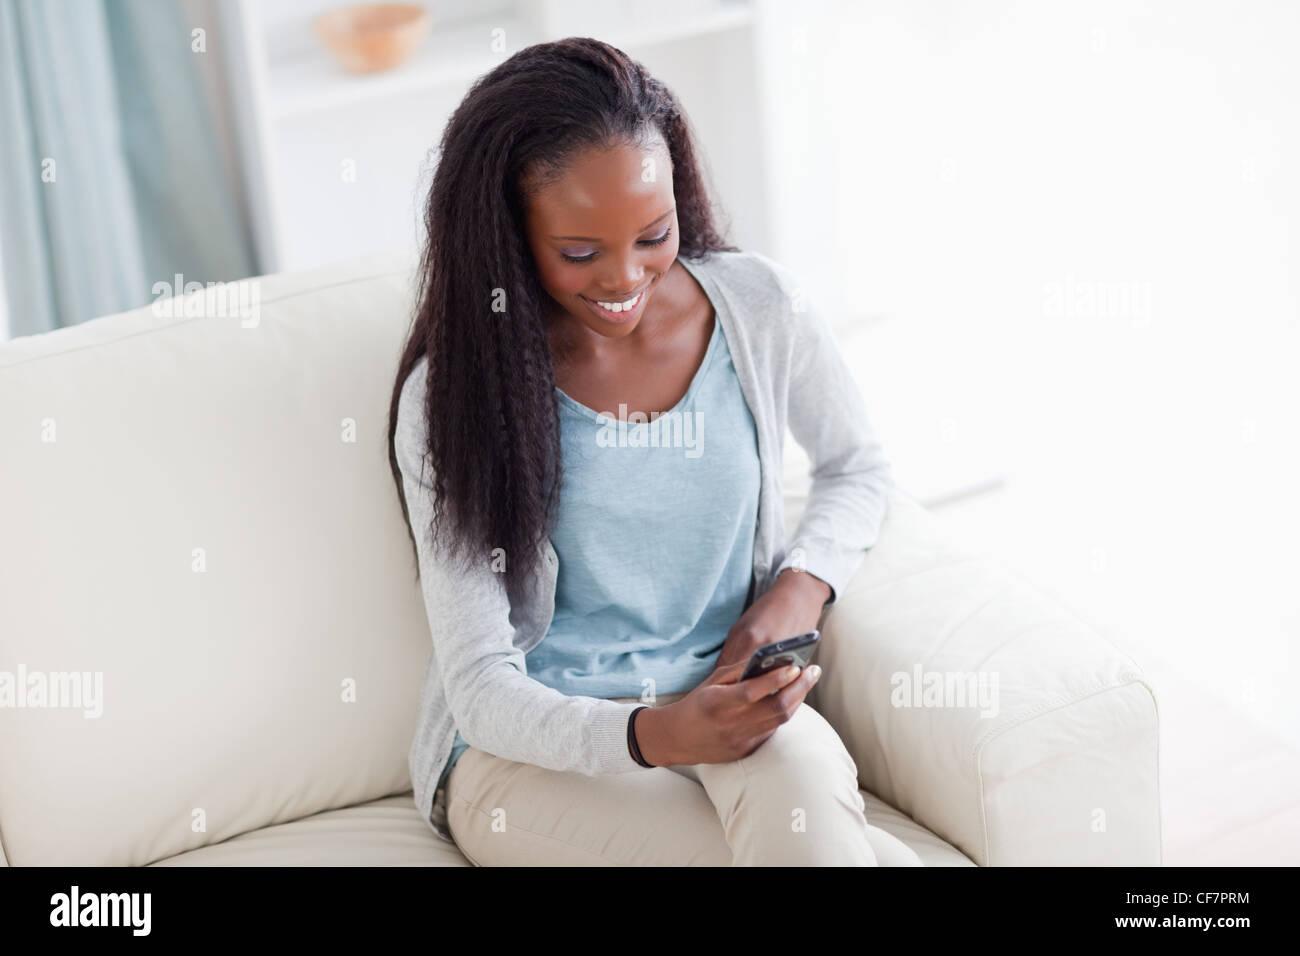 Mujer sonriente feliz por mensaje de texto Imagen De Stock